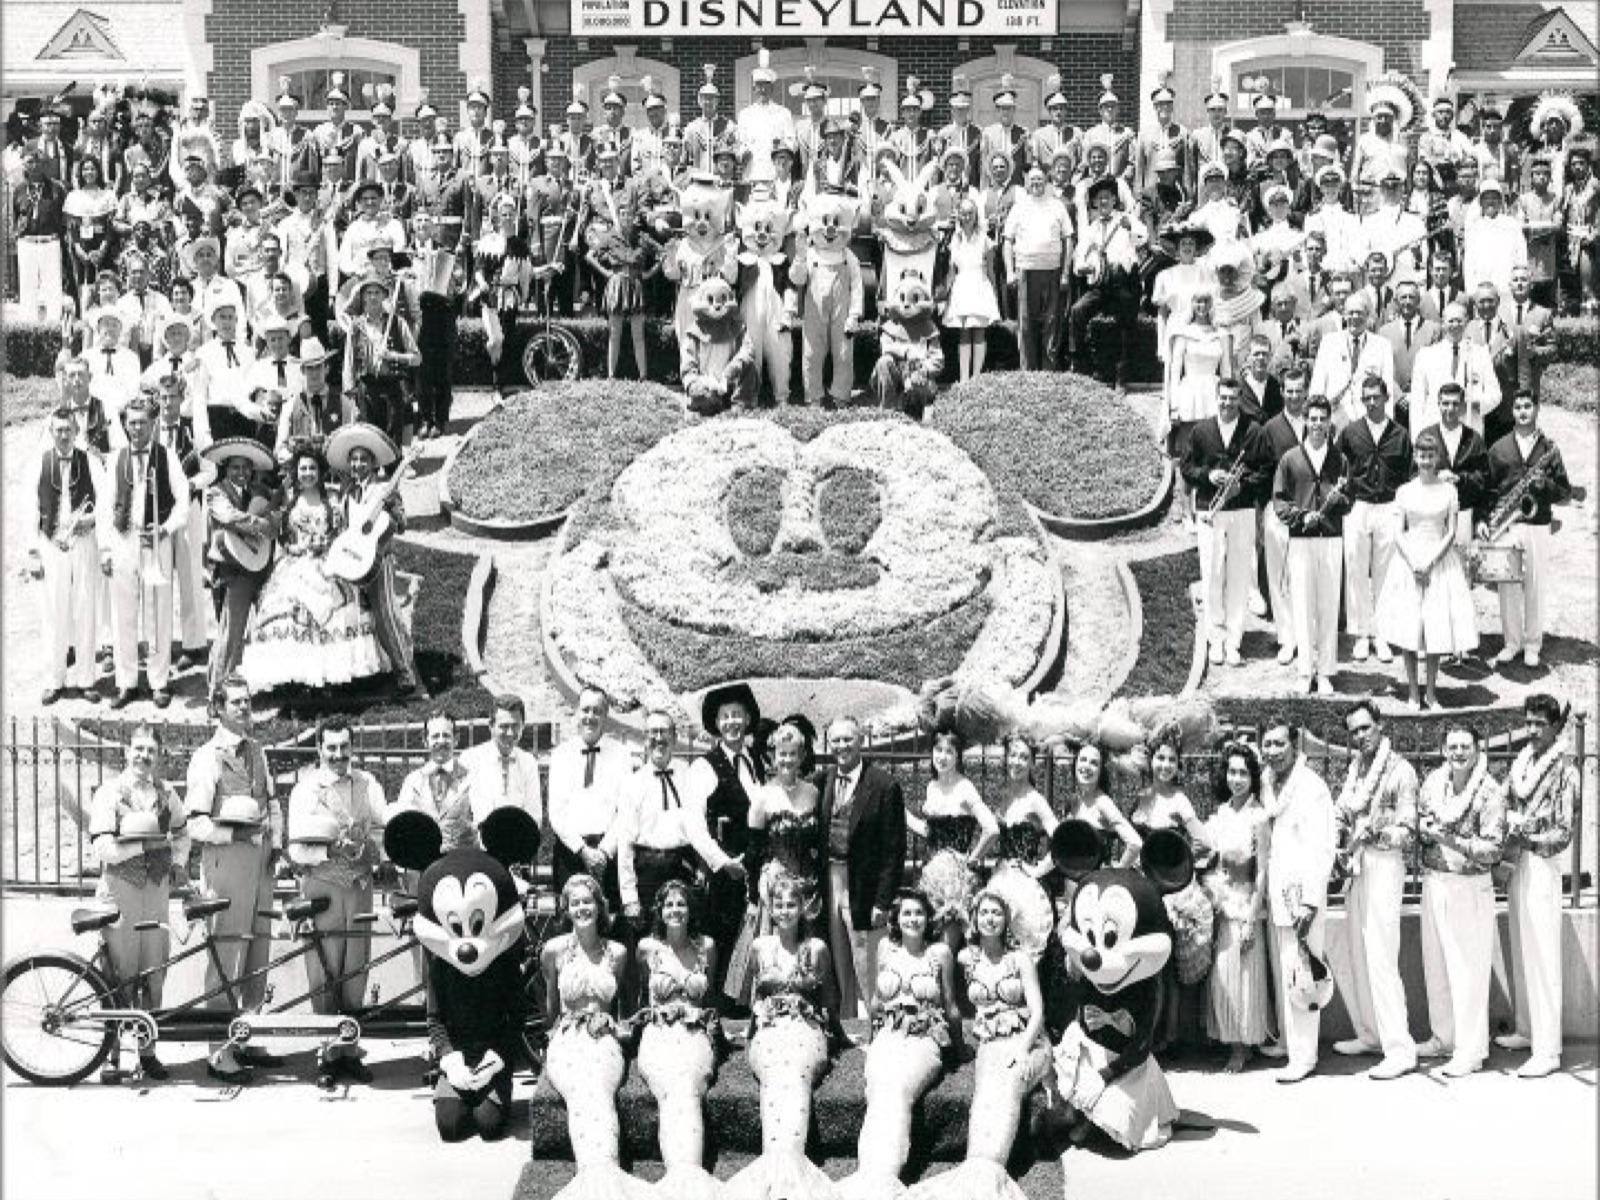 Disneyland Opening Day 1955 Expectation